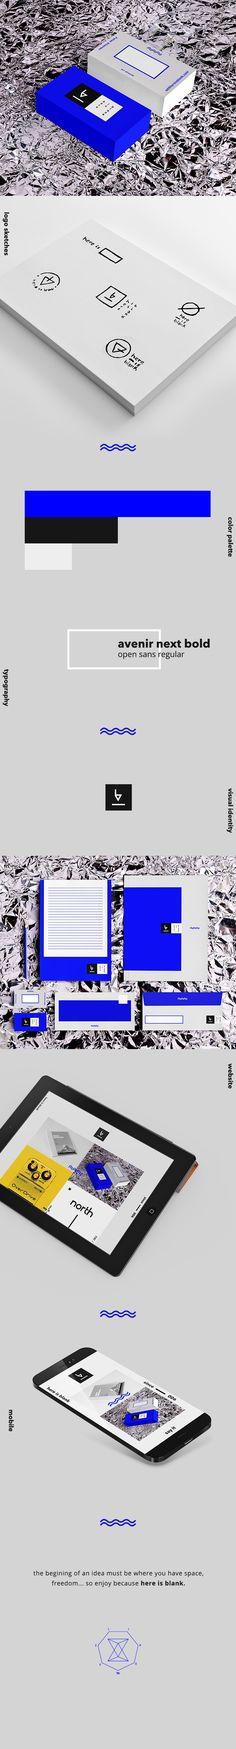 here is blank * visual identity by Felipe Elioenay | #Business #Card #letterpress #creative #paper #bizcard #businesscard #corporate #design #visitenkarte #corporatedesign < repinned by www.BlickeDeeler.de | Have a look on www.LogoGestaltung-Hamburg.de